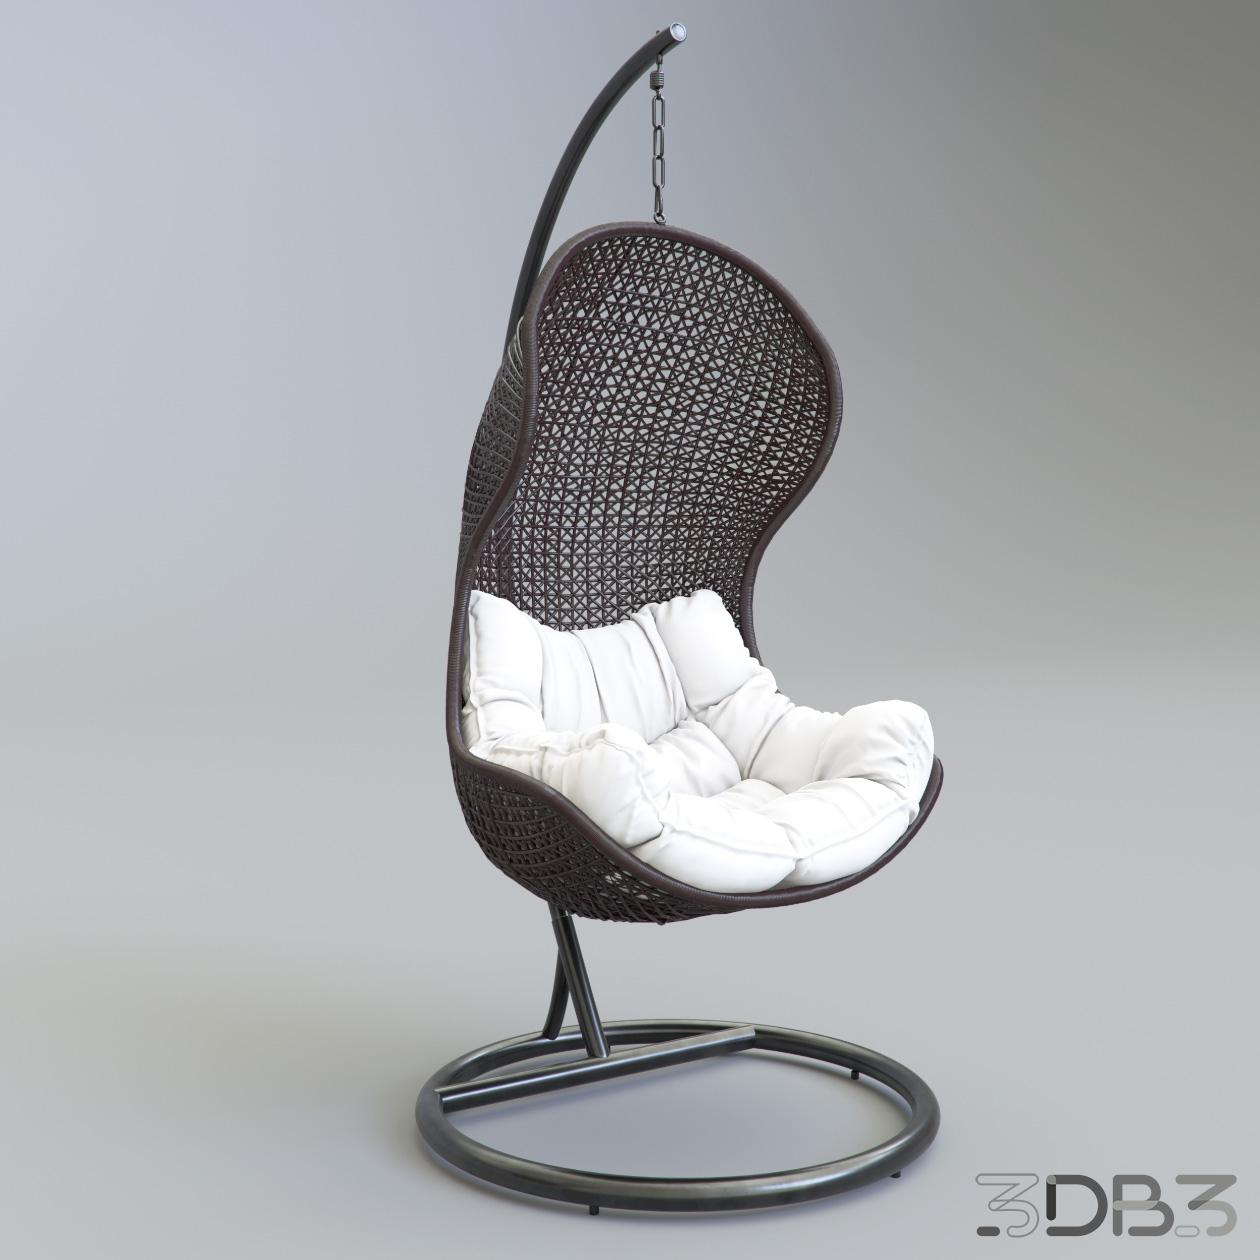 Parlay Chair